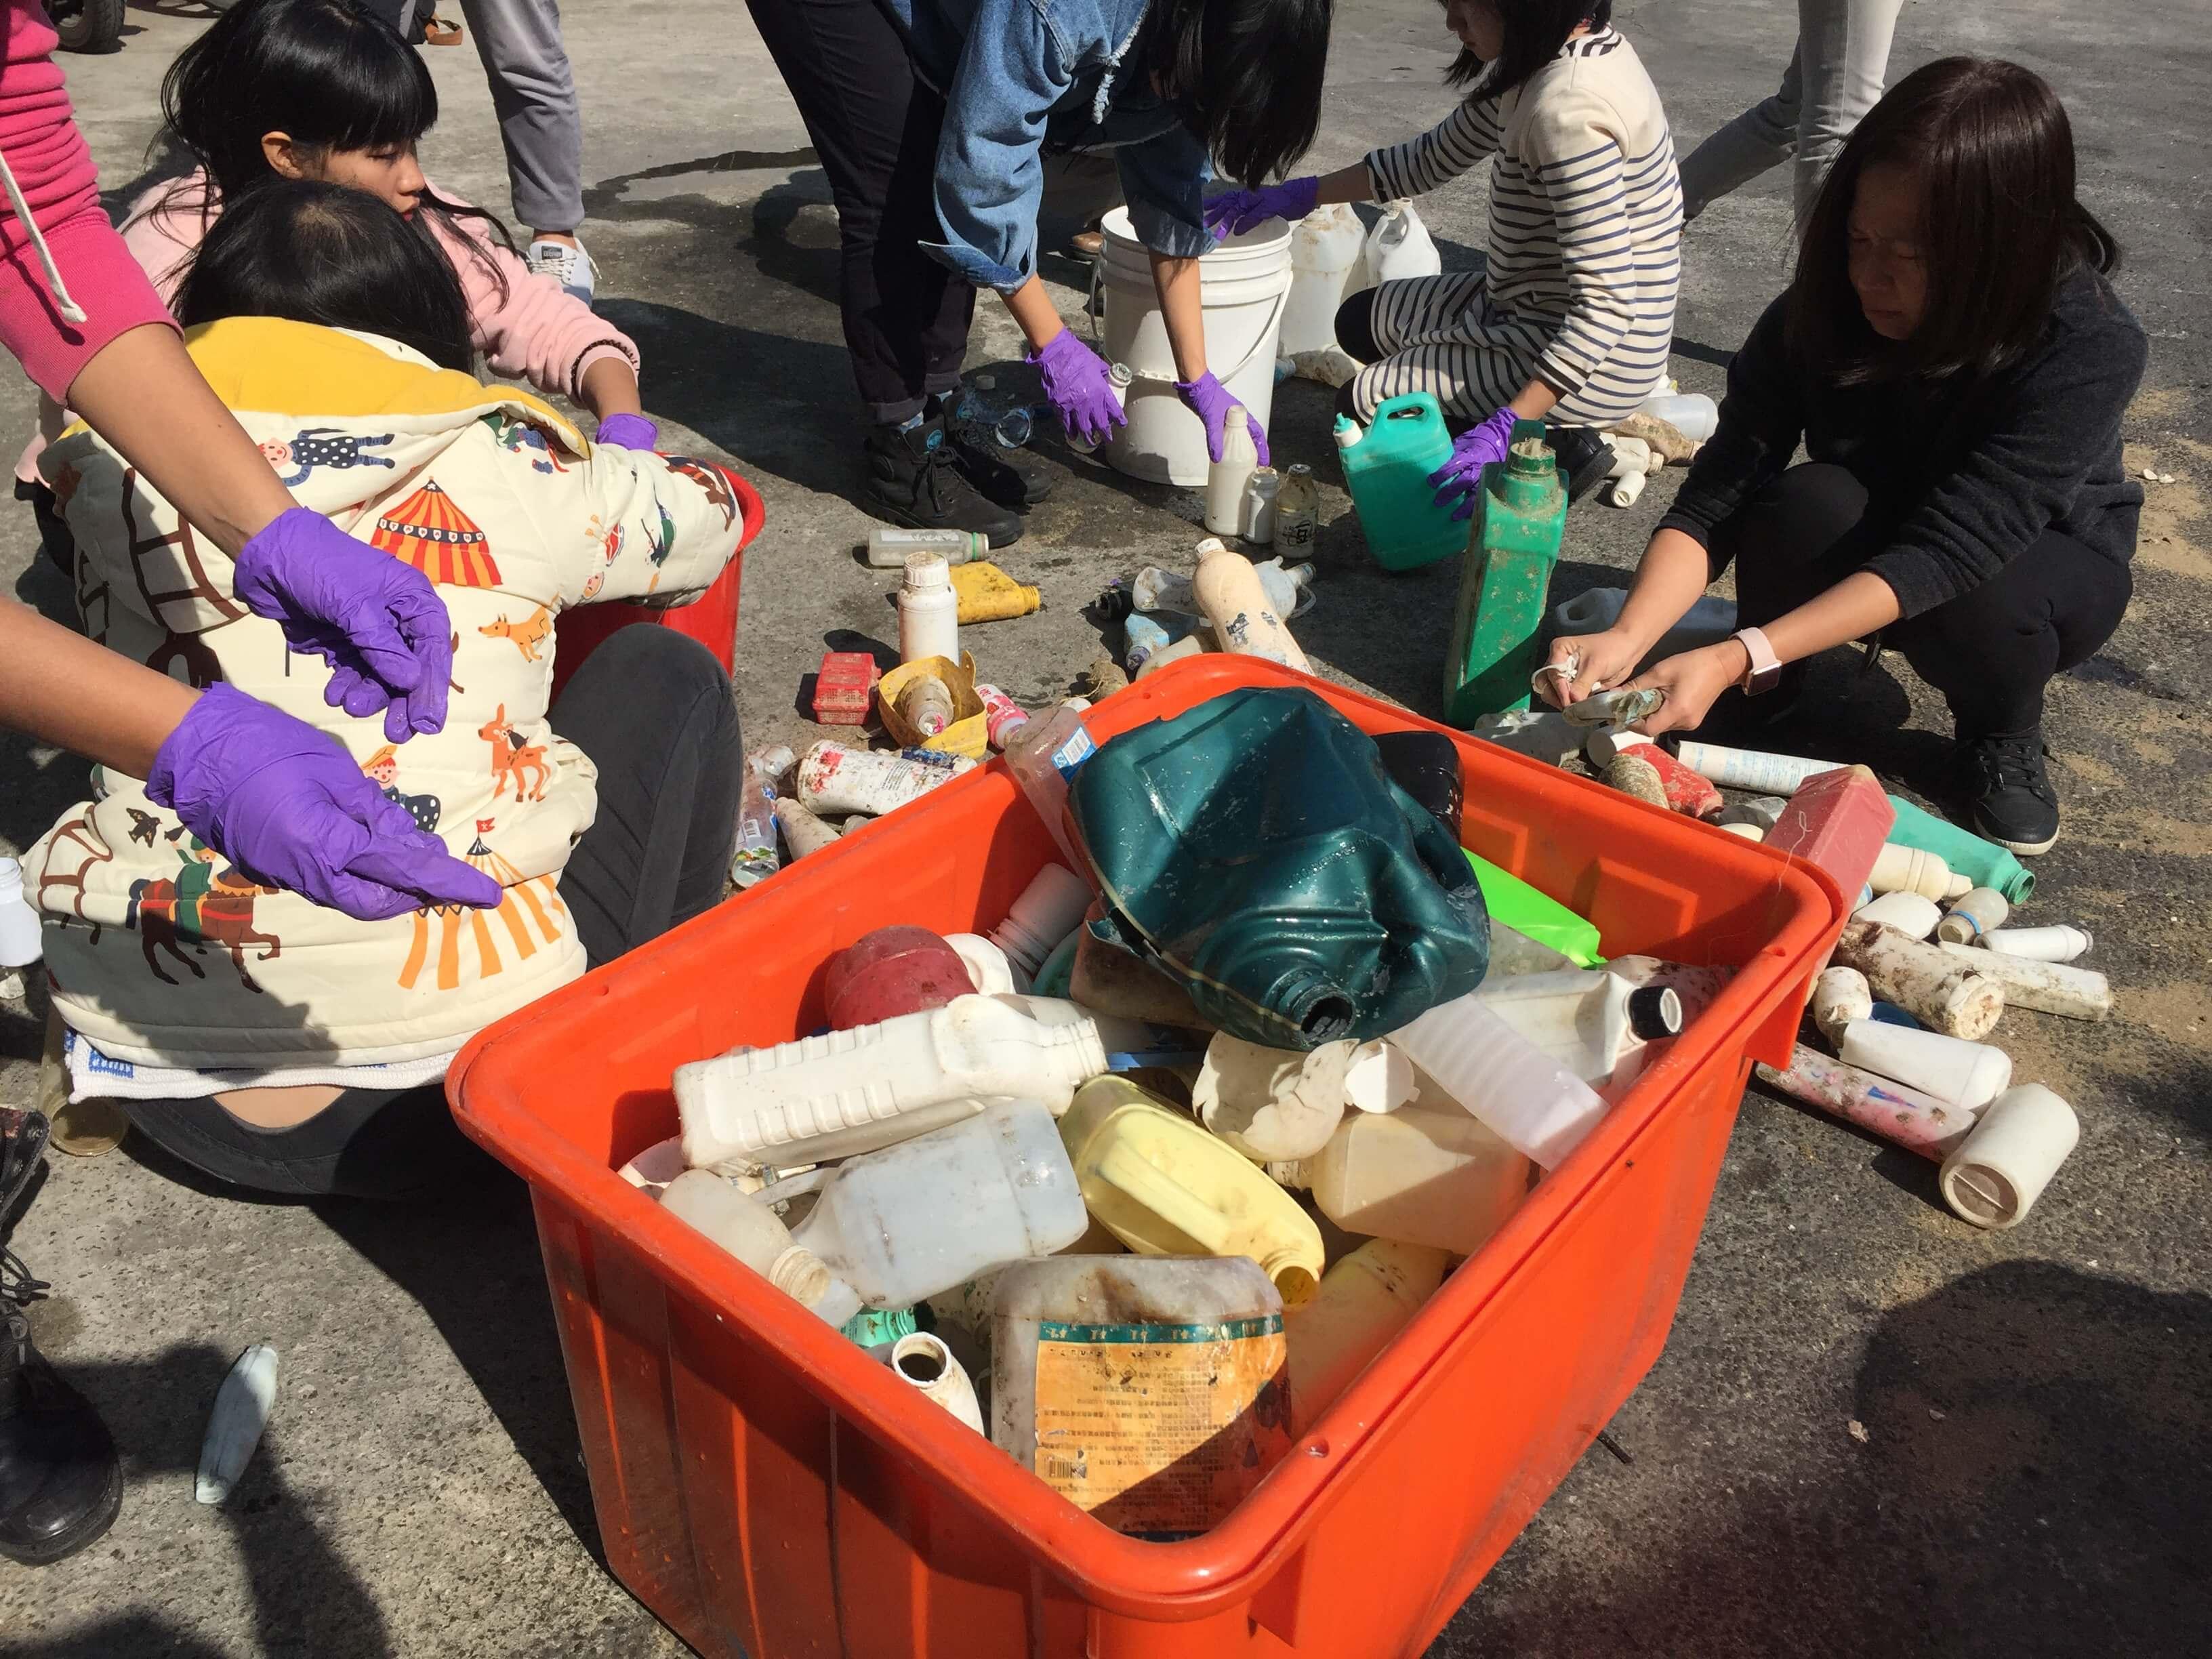 垃圾分類,塑膠再生,塑膠回收,塑膠垃圾,寶特瓶回收,海廢路上我們不孤單,海洋垃圾,環保教育